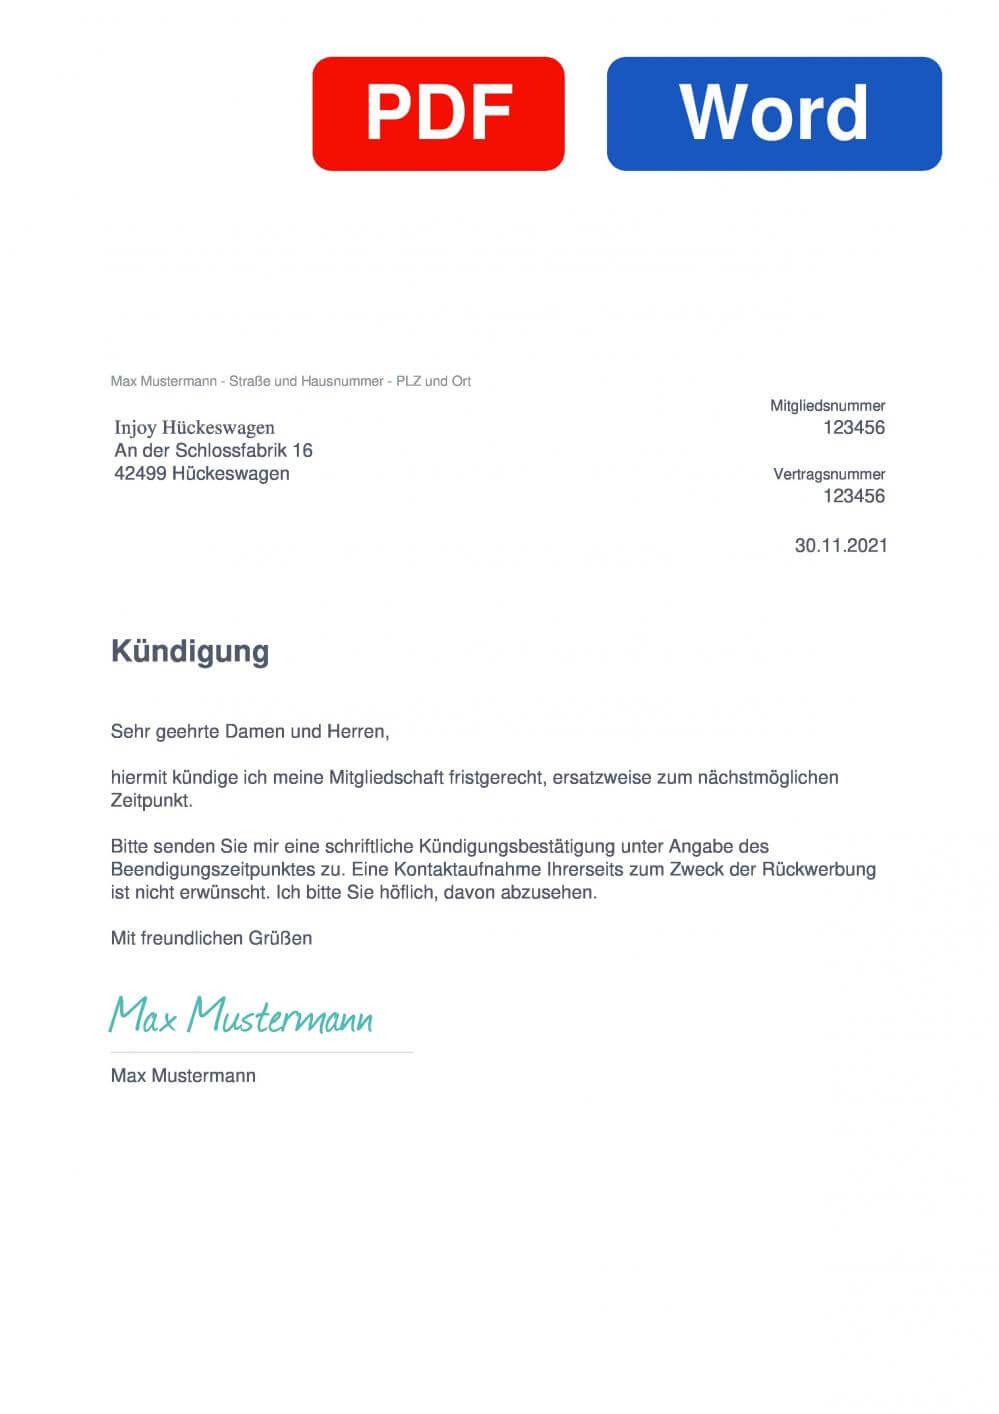 INJOY Hückeswagen Muster Vorlage für Kündigungsschreiben